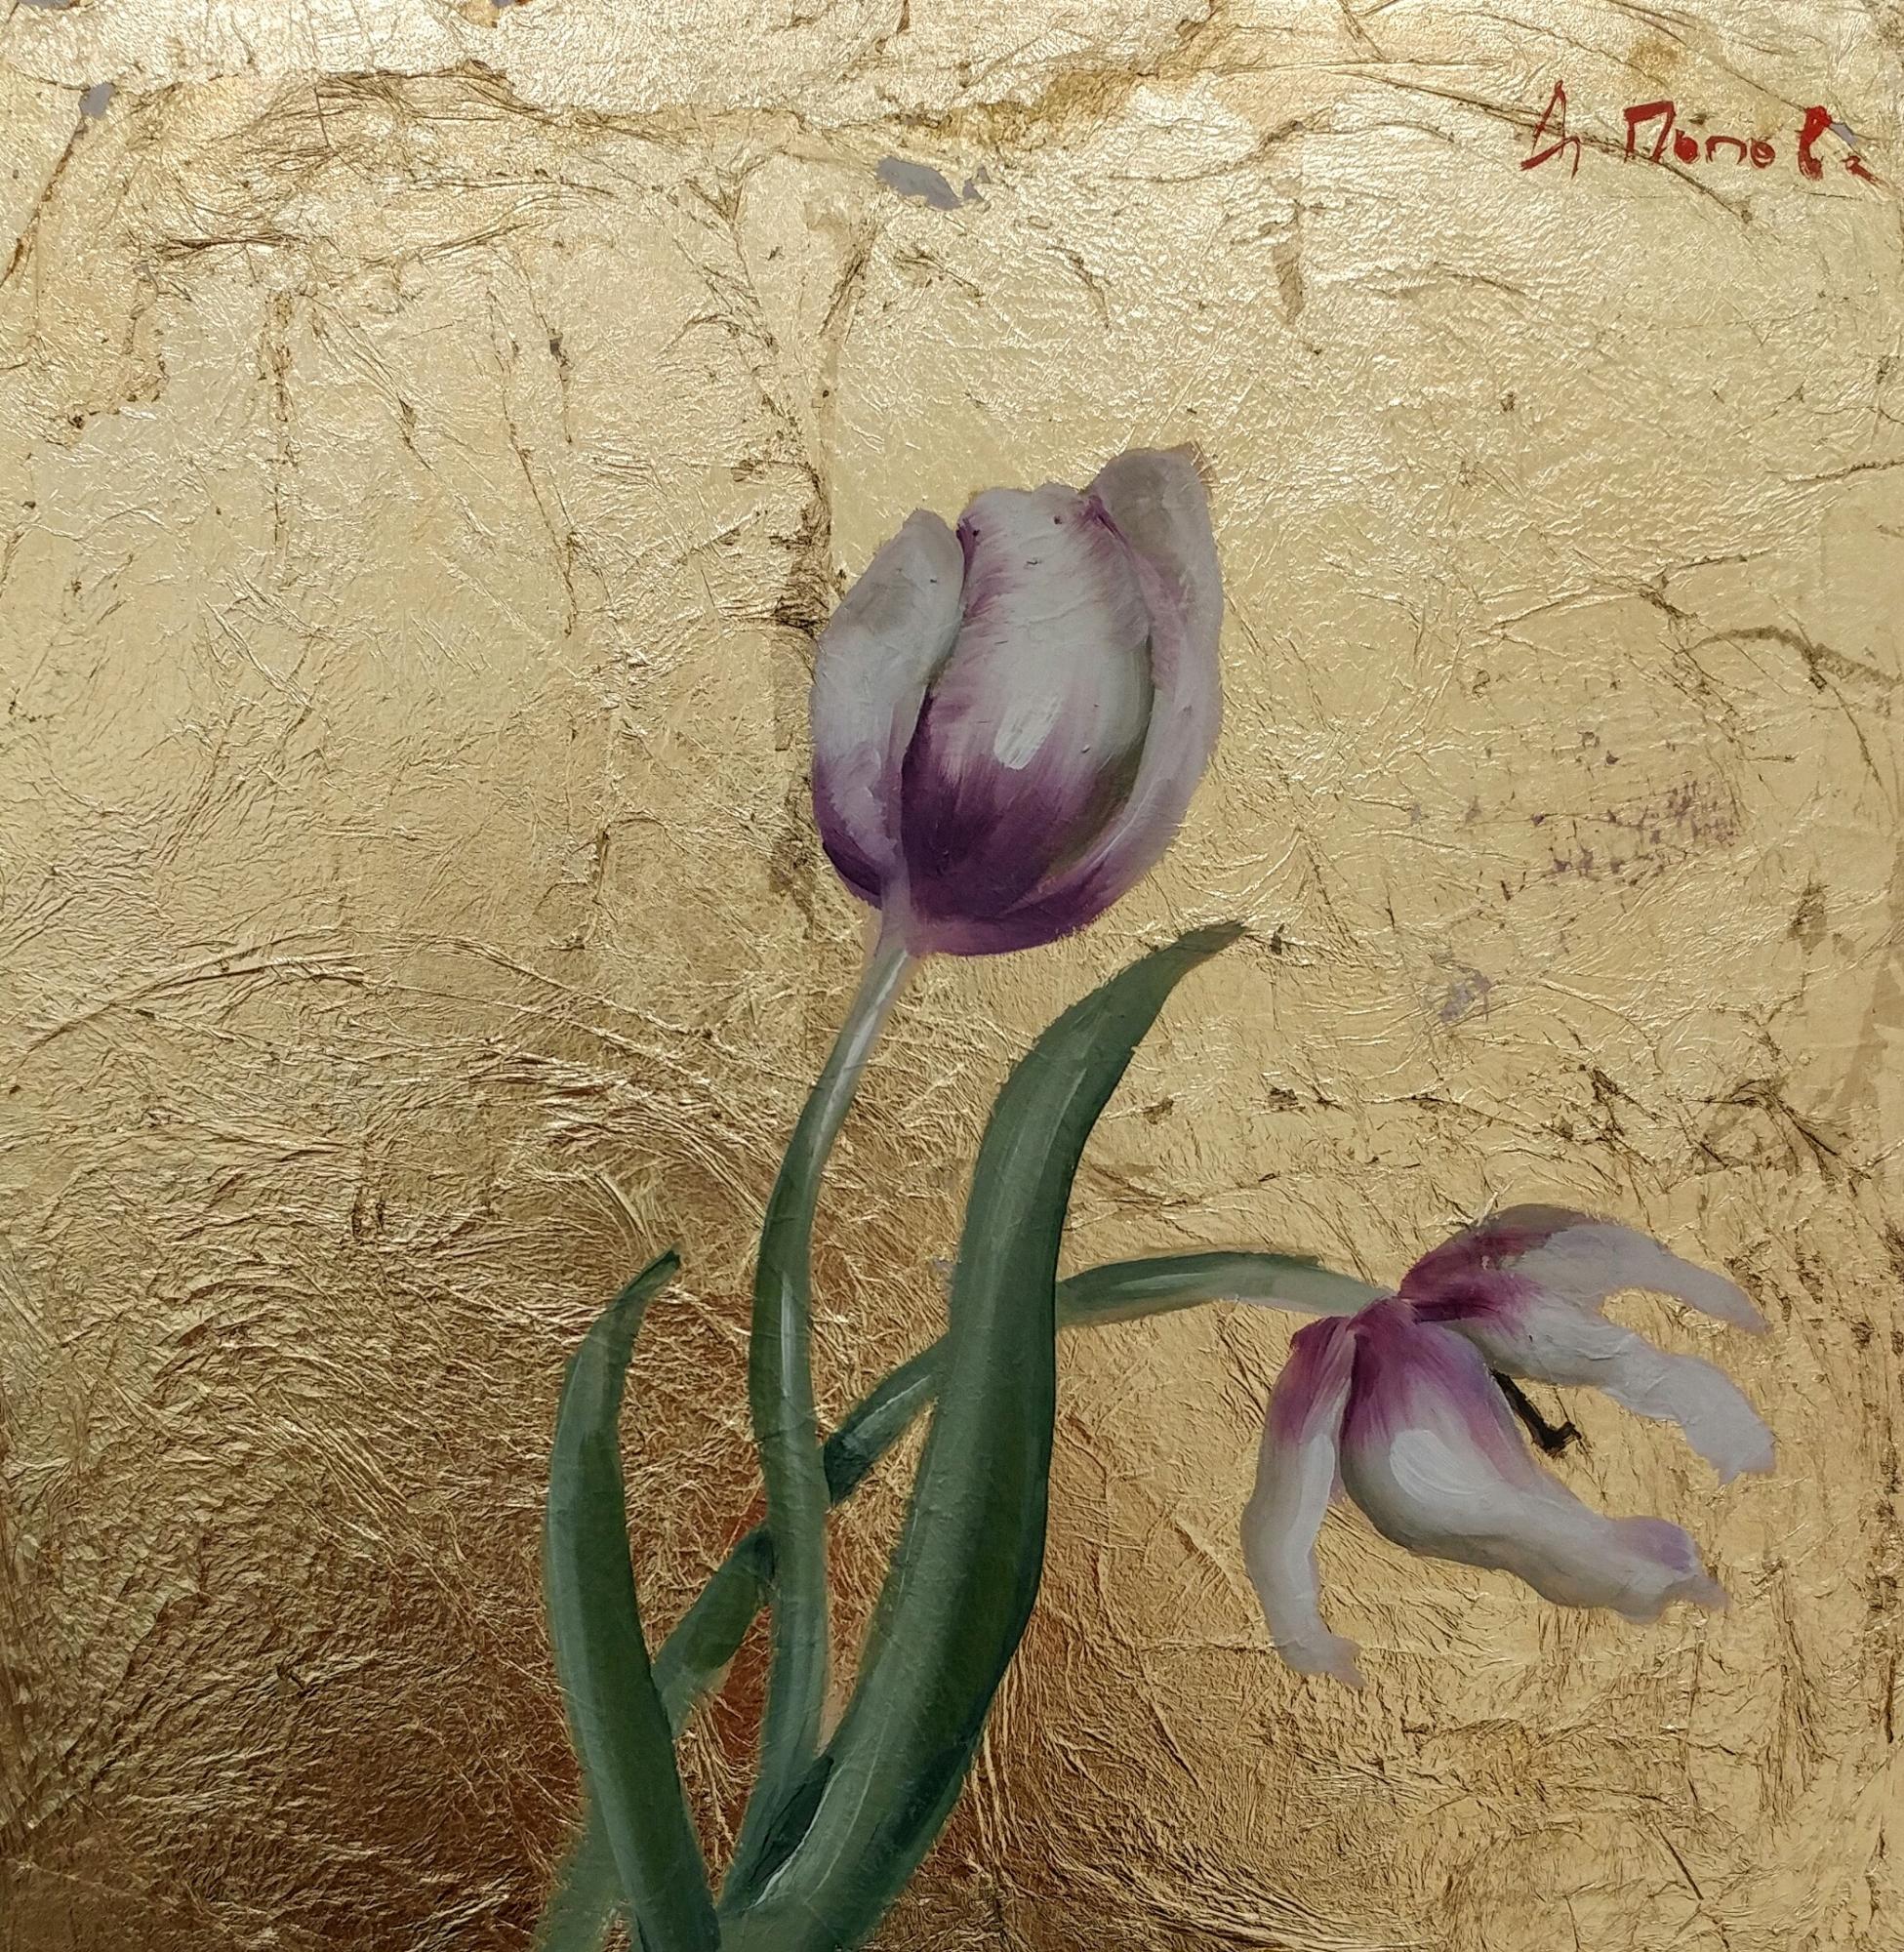 Byzantine Tulips III by Diliana Popova